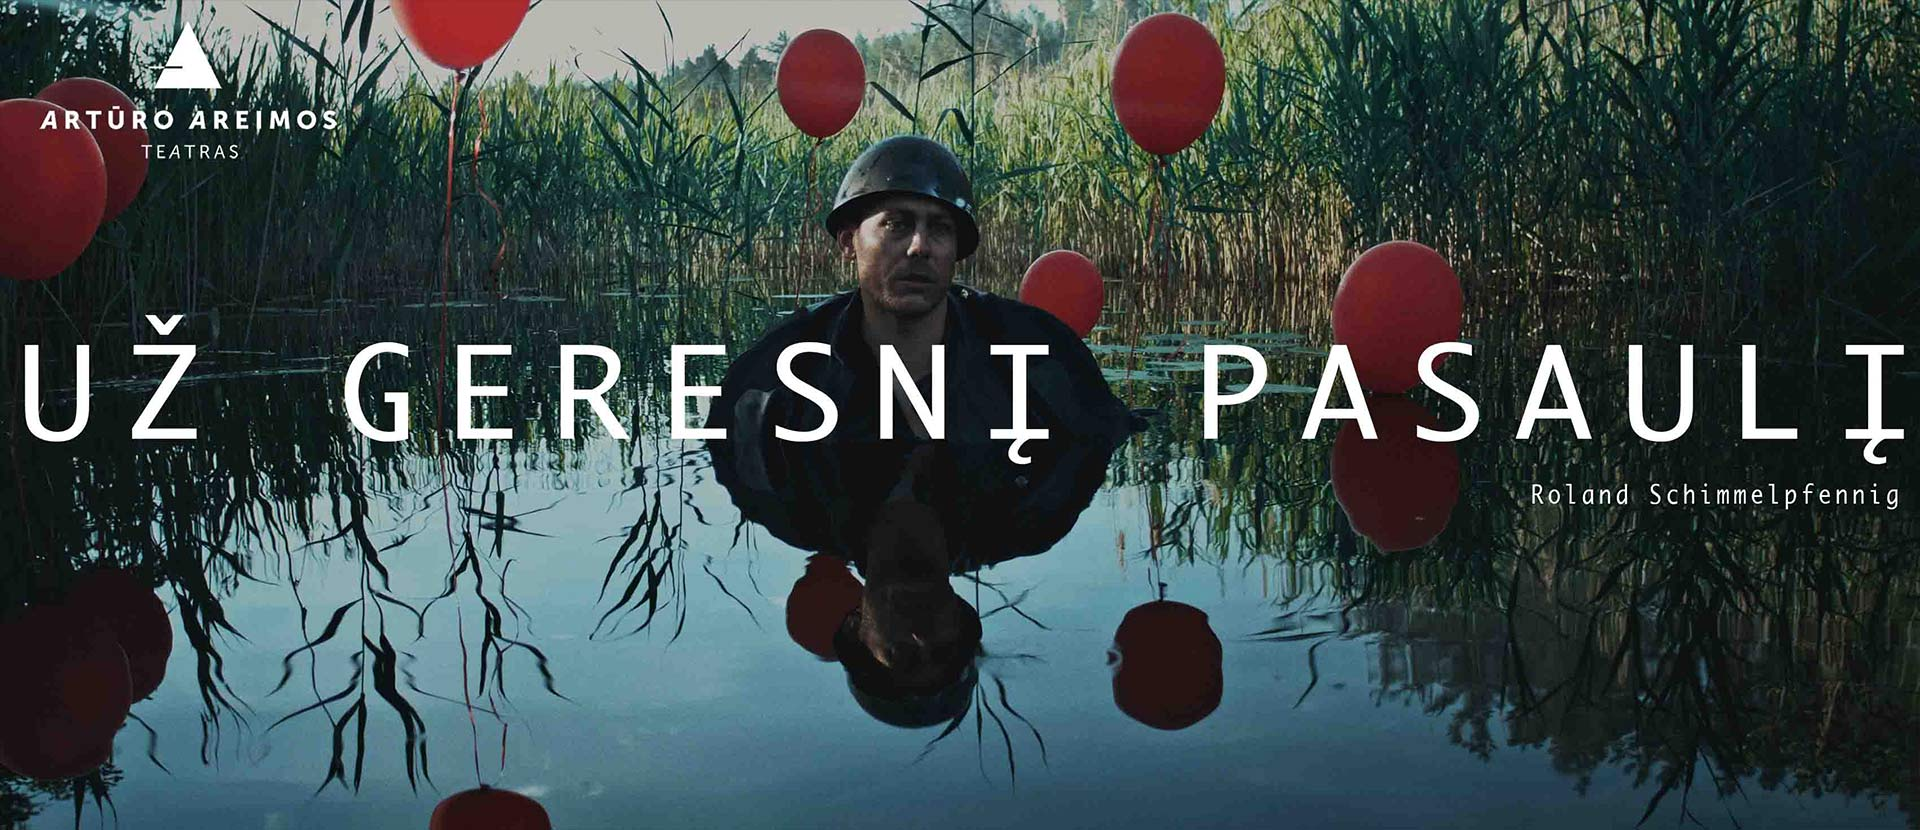 LIVE: PREMJERA. Filmas UŽ GERESNĮ PASAULĮ, AAT | Artūro Areimos teatras